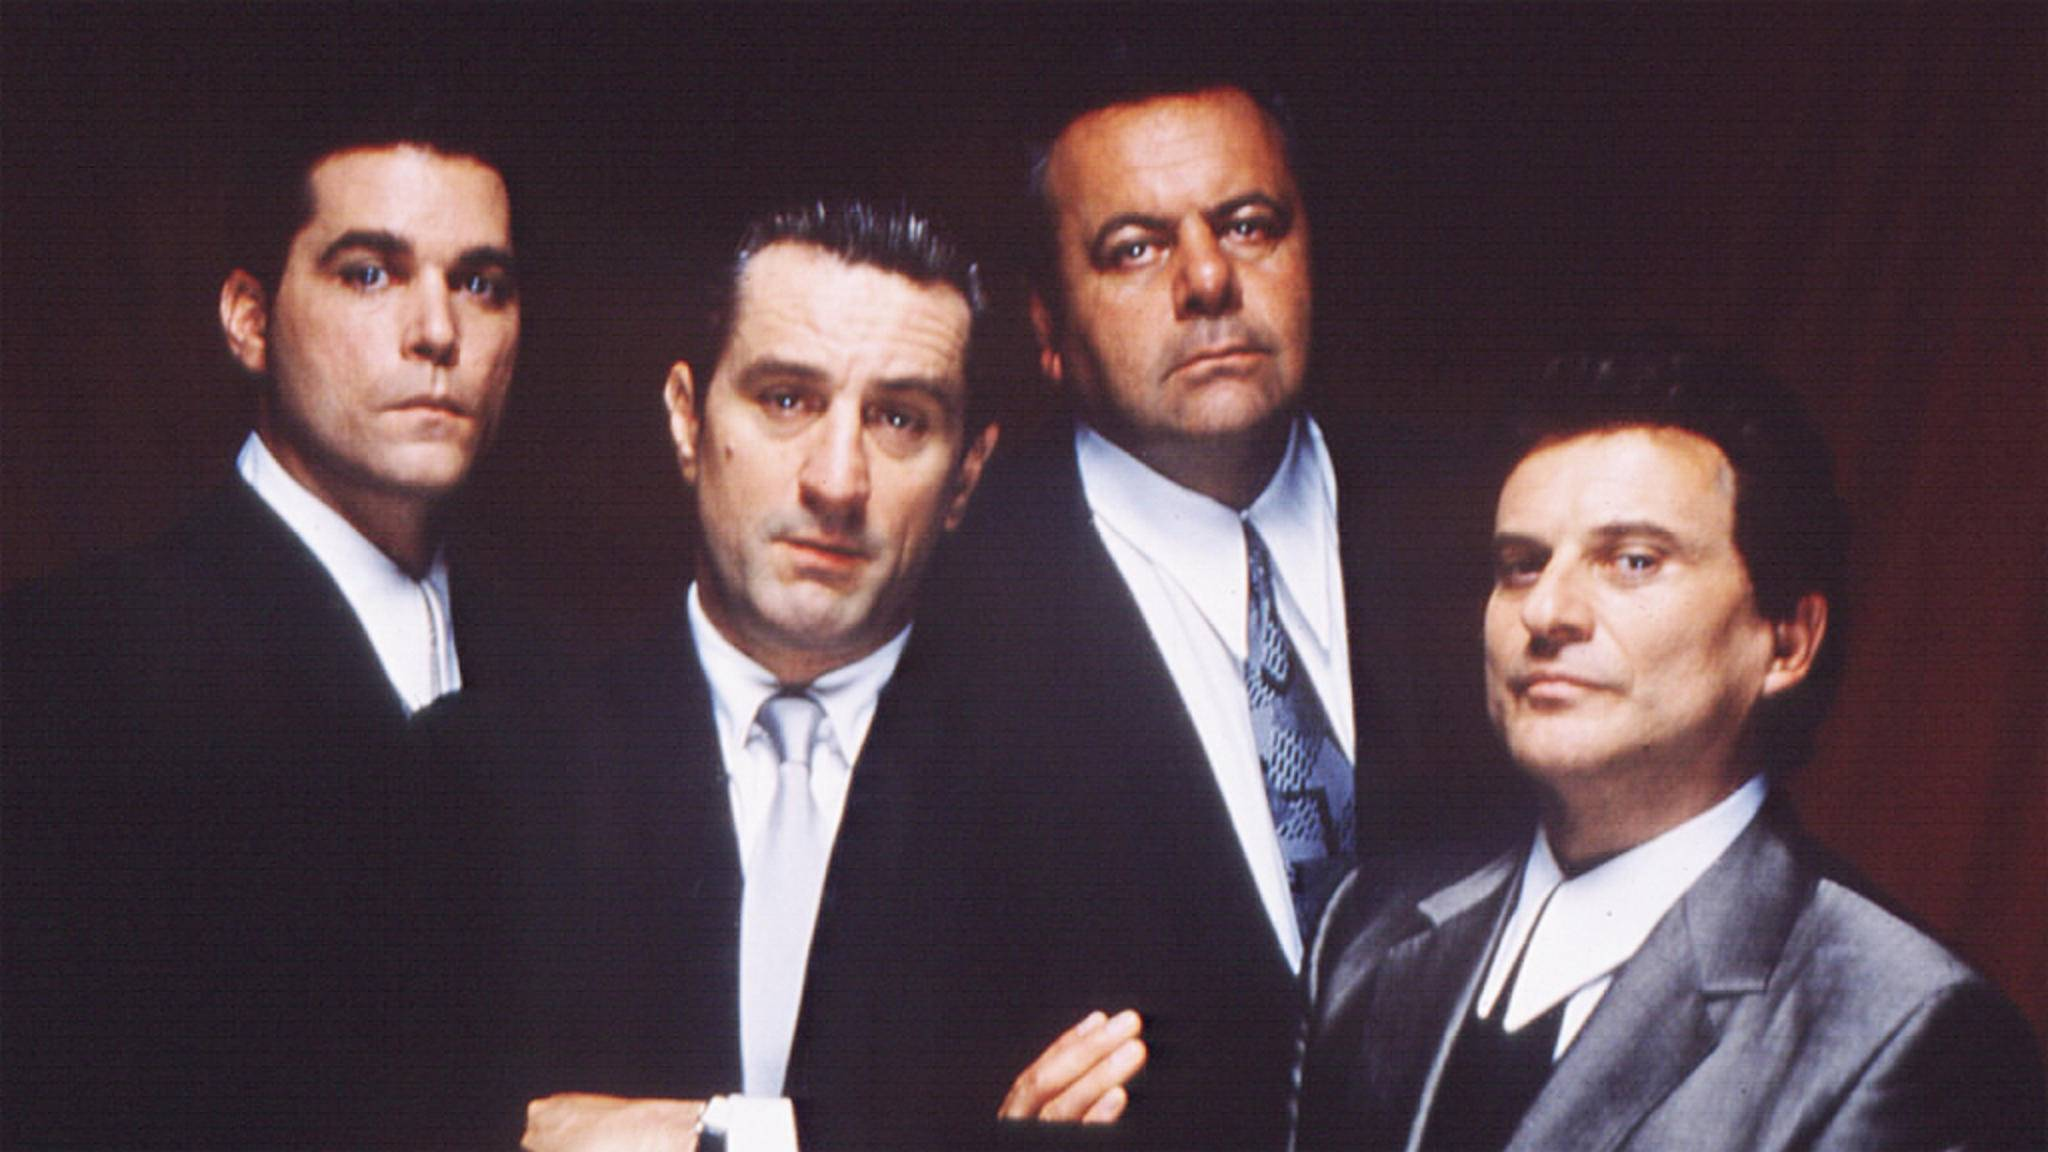 """Mafiosi durch und durch: Mit diesen Herren aus """"GoodFellas"""" möchte man sich nicht anlegen"""